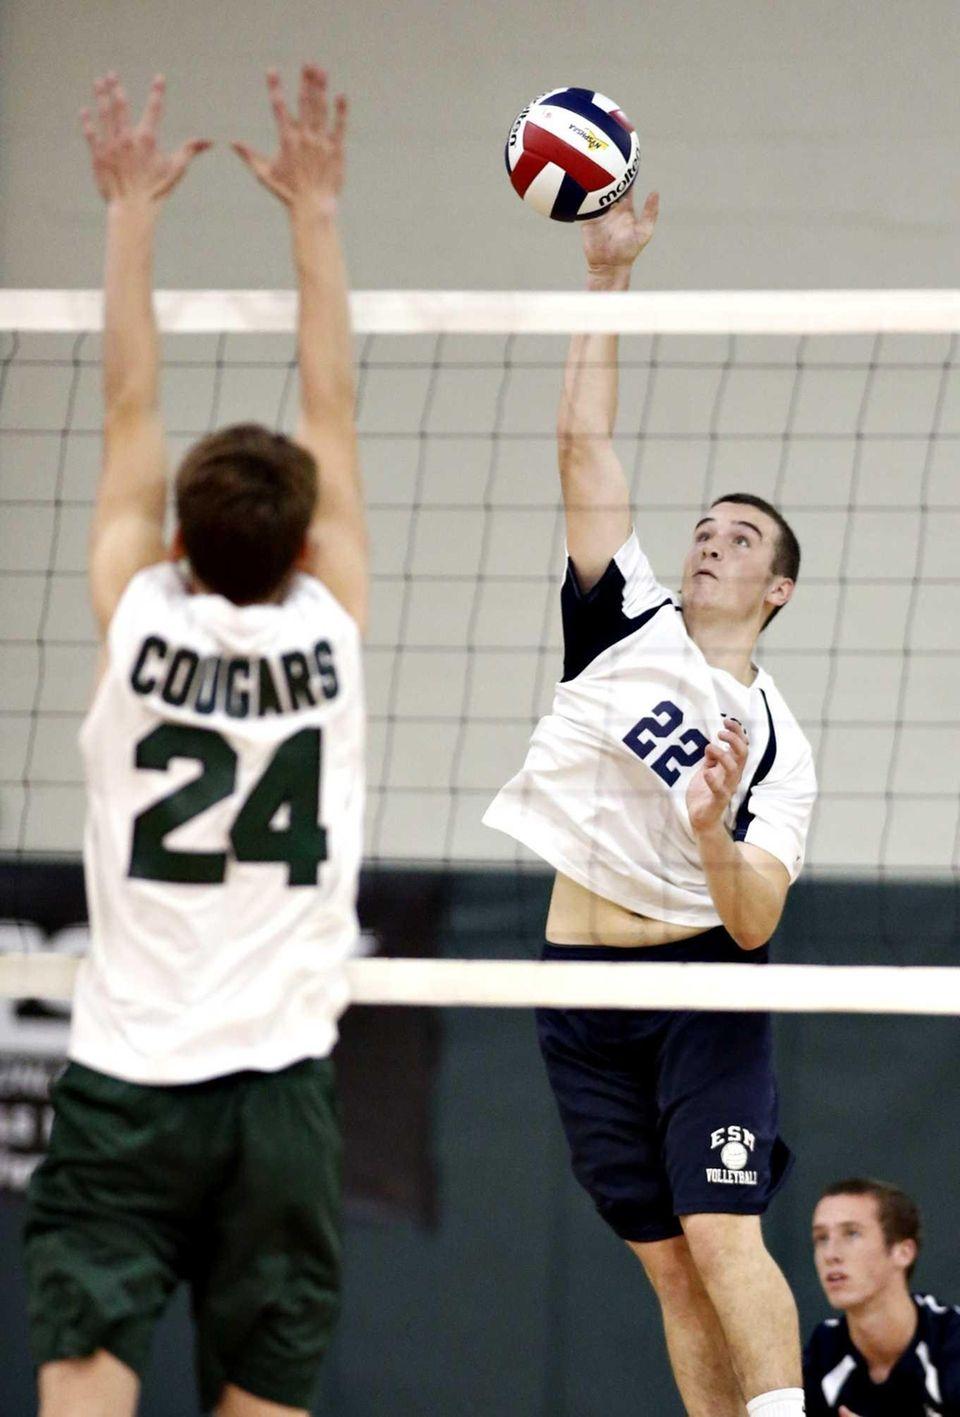 ESM's Brandon Calderone (22) tips the ball over